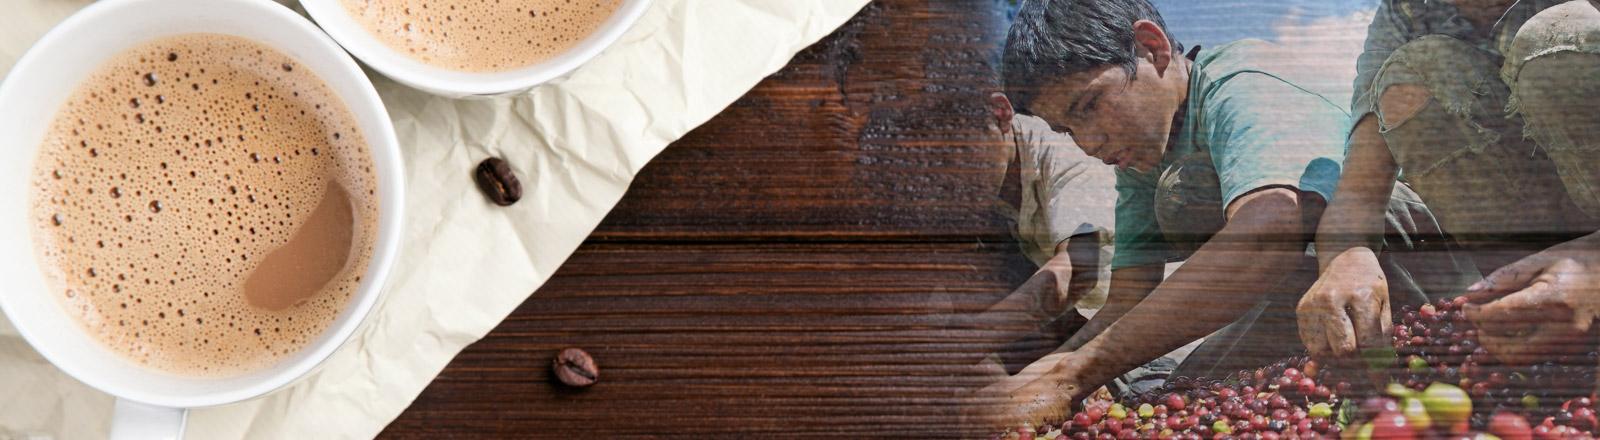 Zwei Tassen Kaffee stehen auf einem Tisch - daneben scheint das Bild von Kindern durch, die Kaffeebohnen ernten.